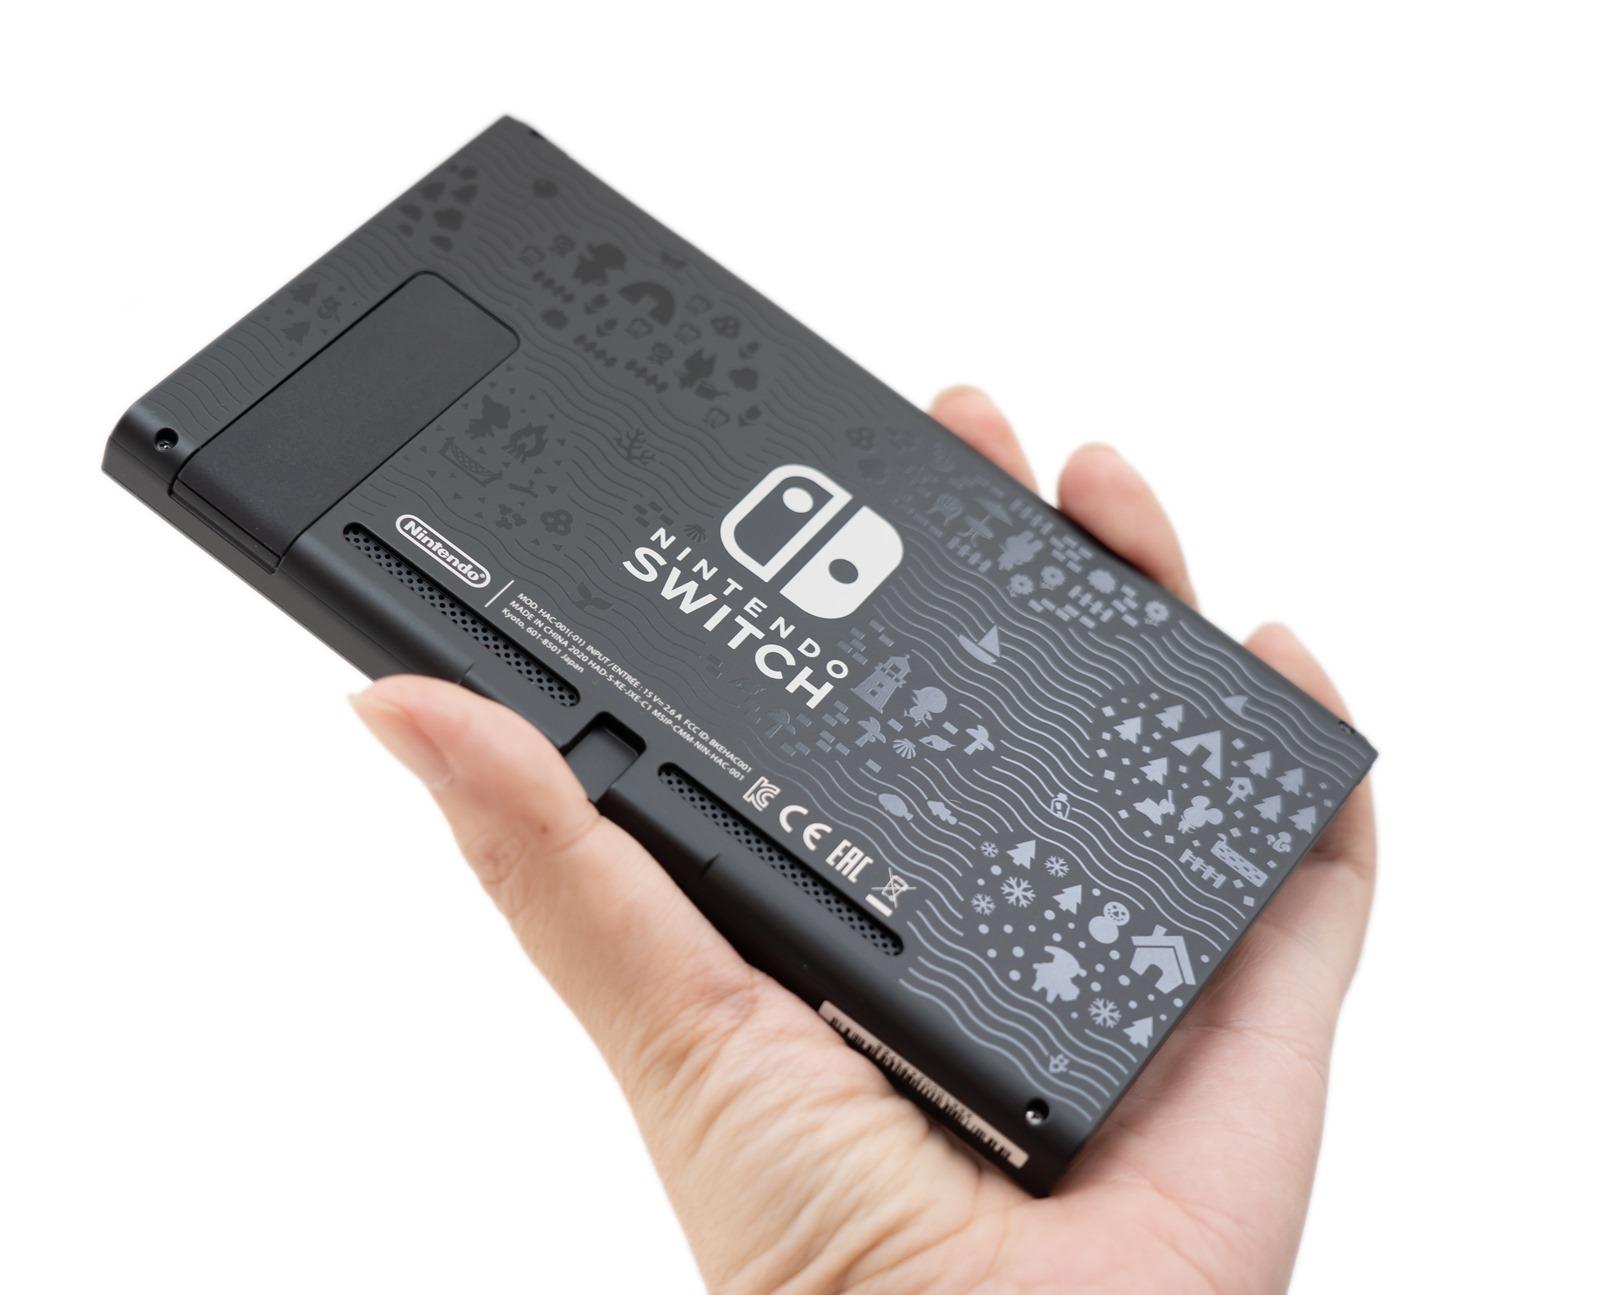 開箱啦!『集合啦!動物森友會』特仕 Nintendo Switch 主機有夠可愛!動物之森特別主機 @3C 達人廖阿輝